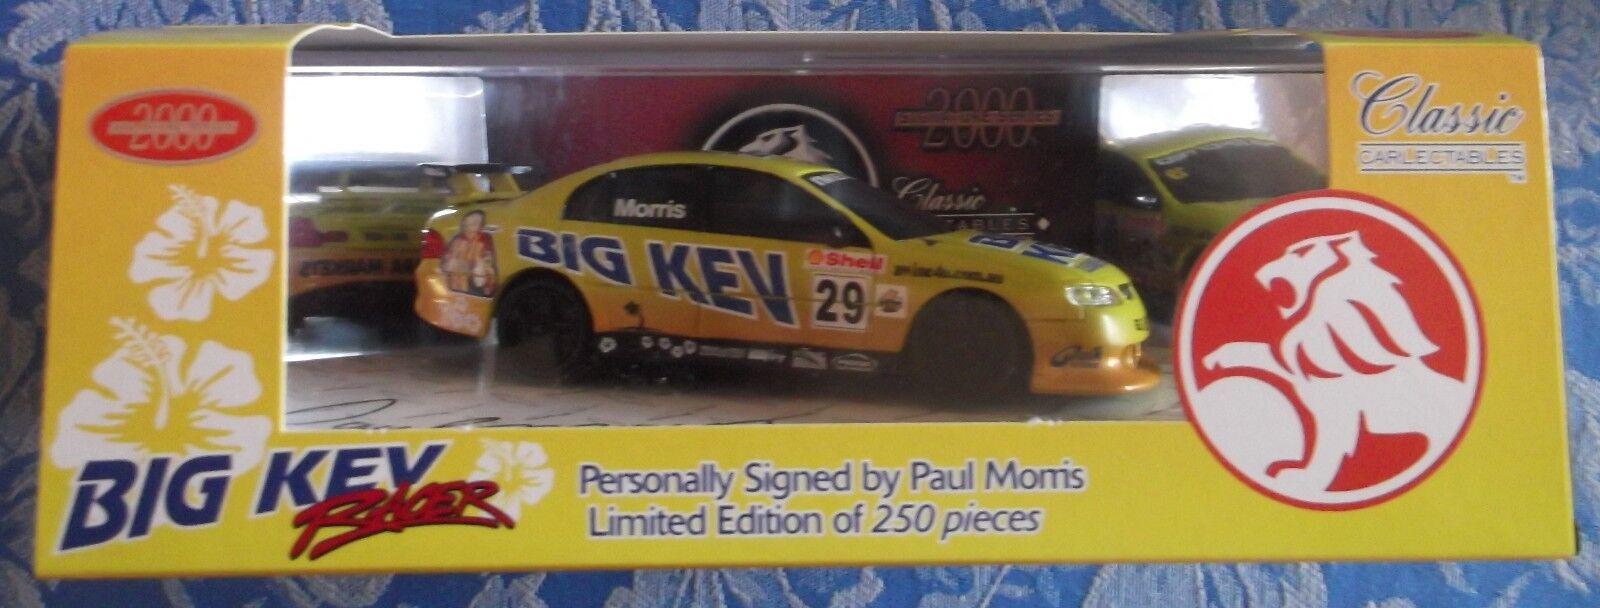 barato y de moda Classic Cochelectables Signature Series Paul Paul Paul Morris Big Kev Commodore  alto descuento